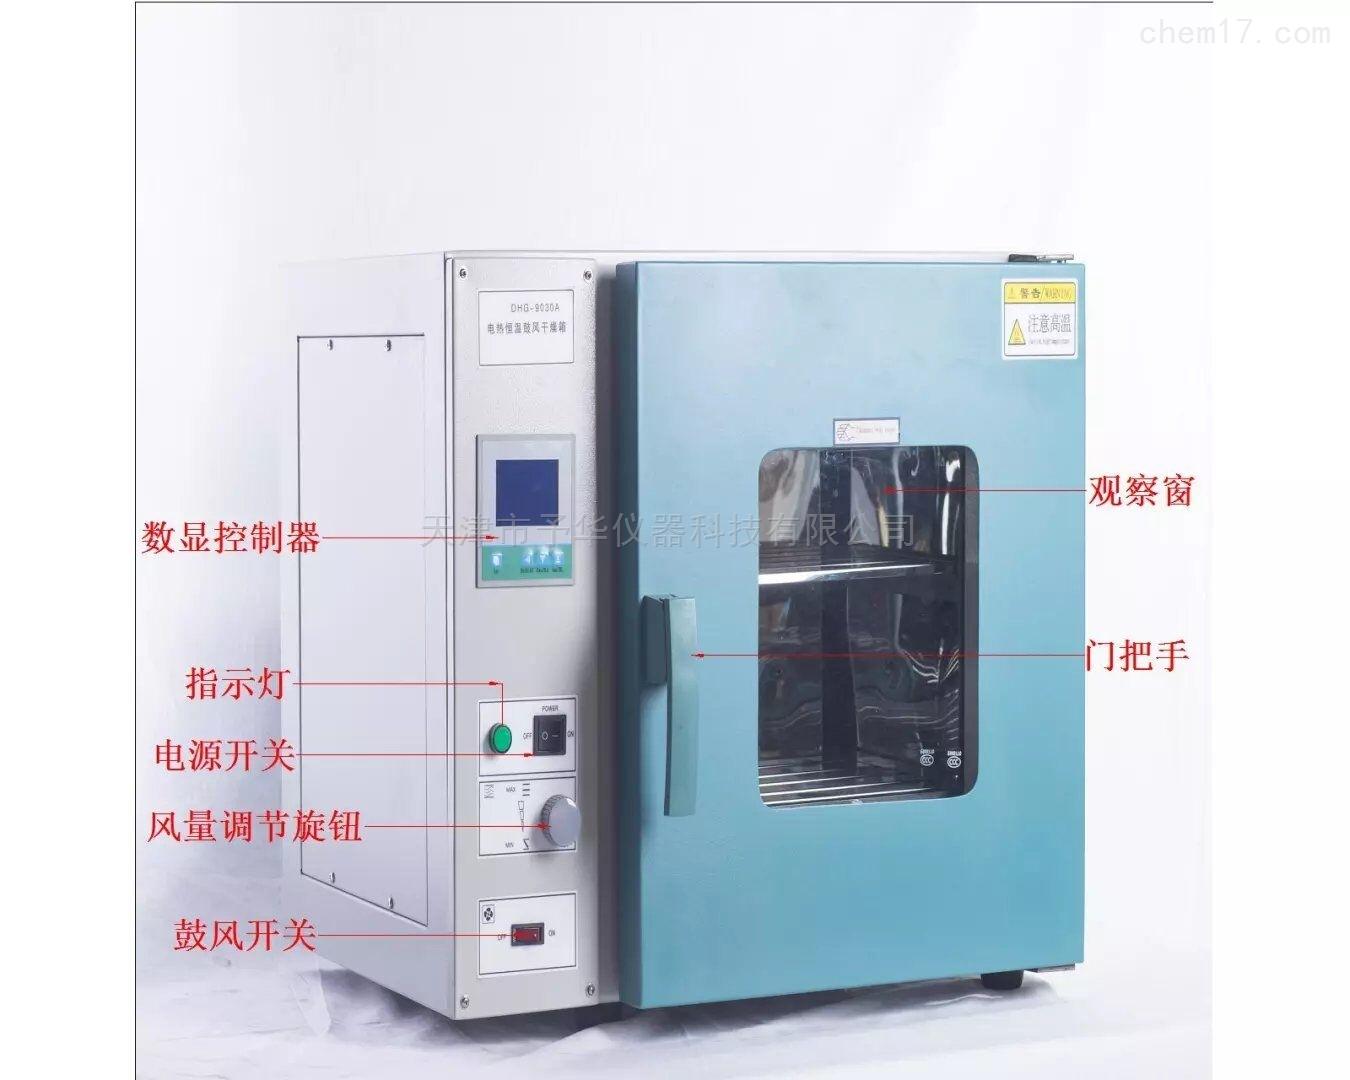 天津市予华仪器科技有限公司